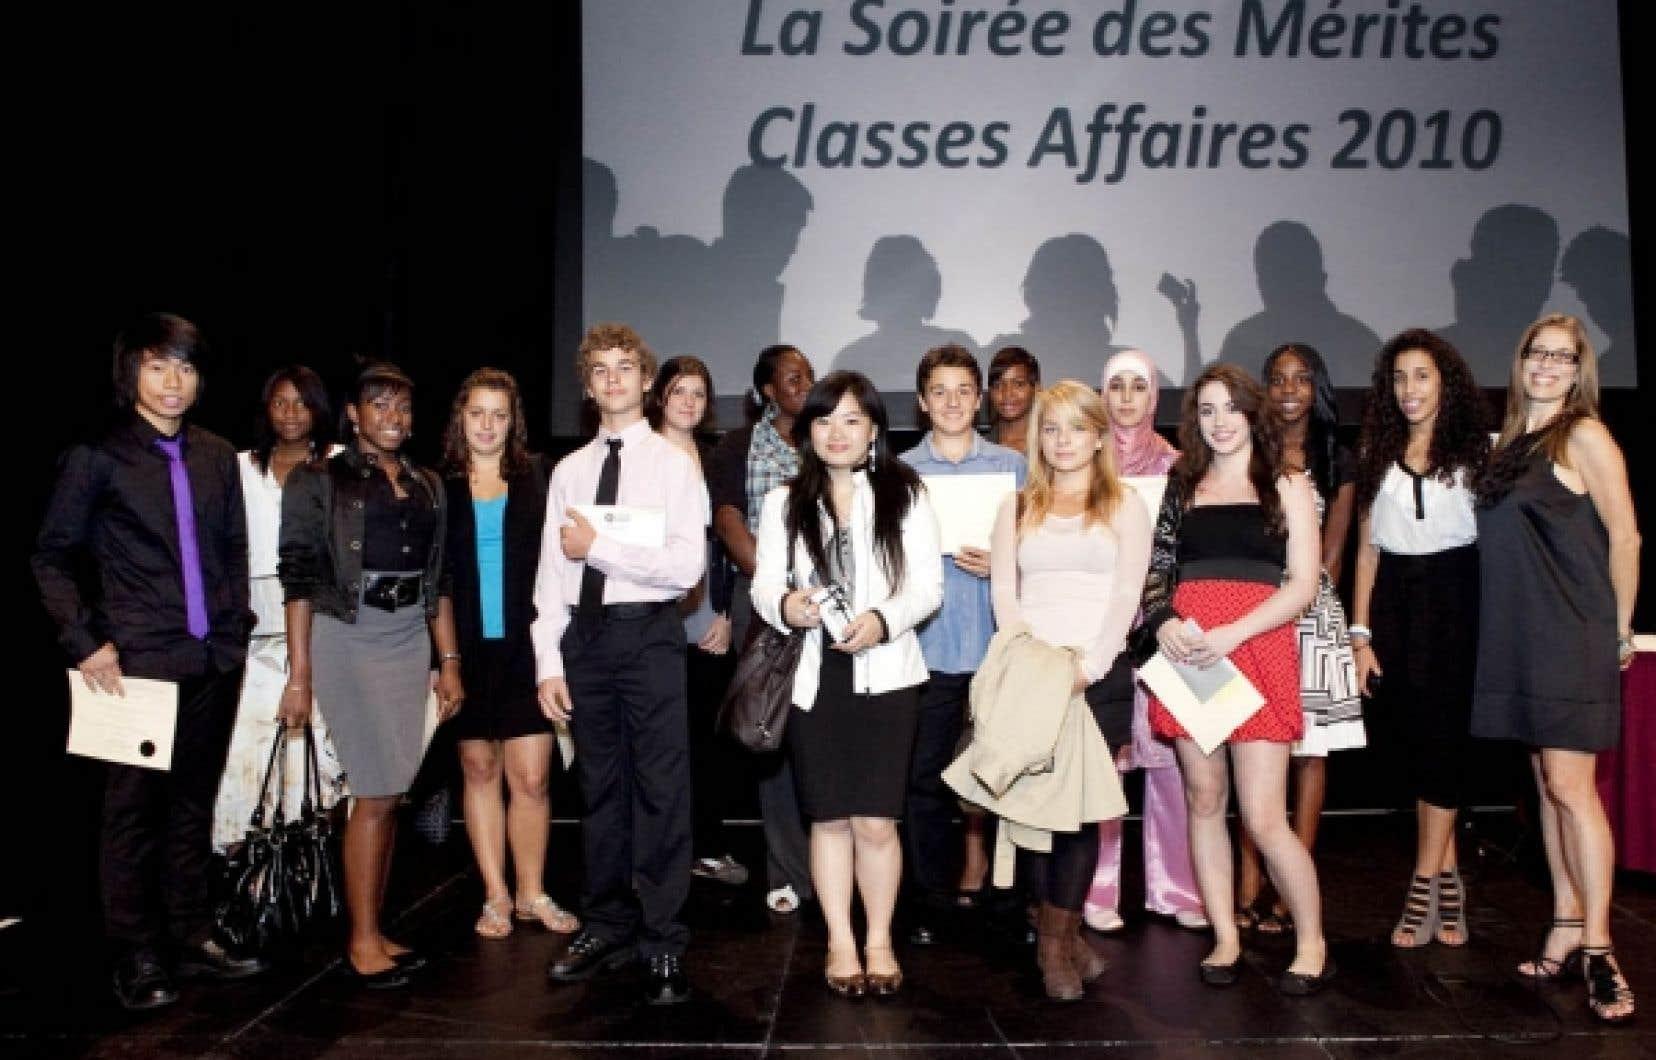 À l'aube du dixième anniversaire de son programme d'exploration de carrières Classes Affaires, MR3 Montréal Relève, organisme créé par la Chambre de commerce du Montréal métropolitain et la Ville de Montréal, a récompensé 805 adolescents au cours de la soirée des Mérites classes affaires Desjardins 2010 qui a eu lieu hier au Palais des congrès de Montréal. La cérémonie, qui a réuni plus de 2500 personnes, visait à reconnaître le mérite de ces jeunes de 14 à 17 ans qui ont accompli avec succès un stage de 35 heures dans une organisation partenaire durant l'été.<br />